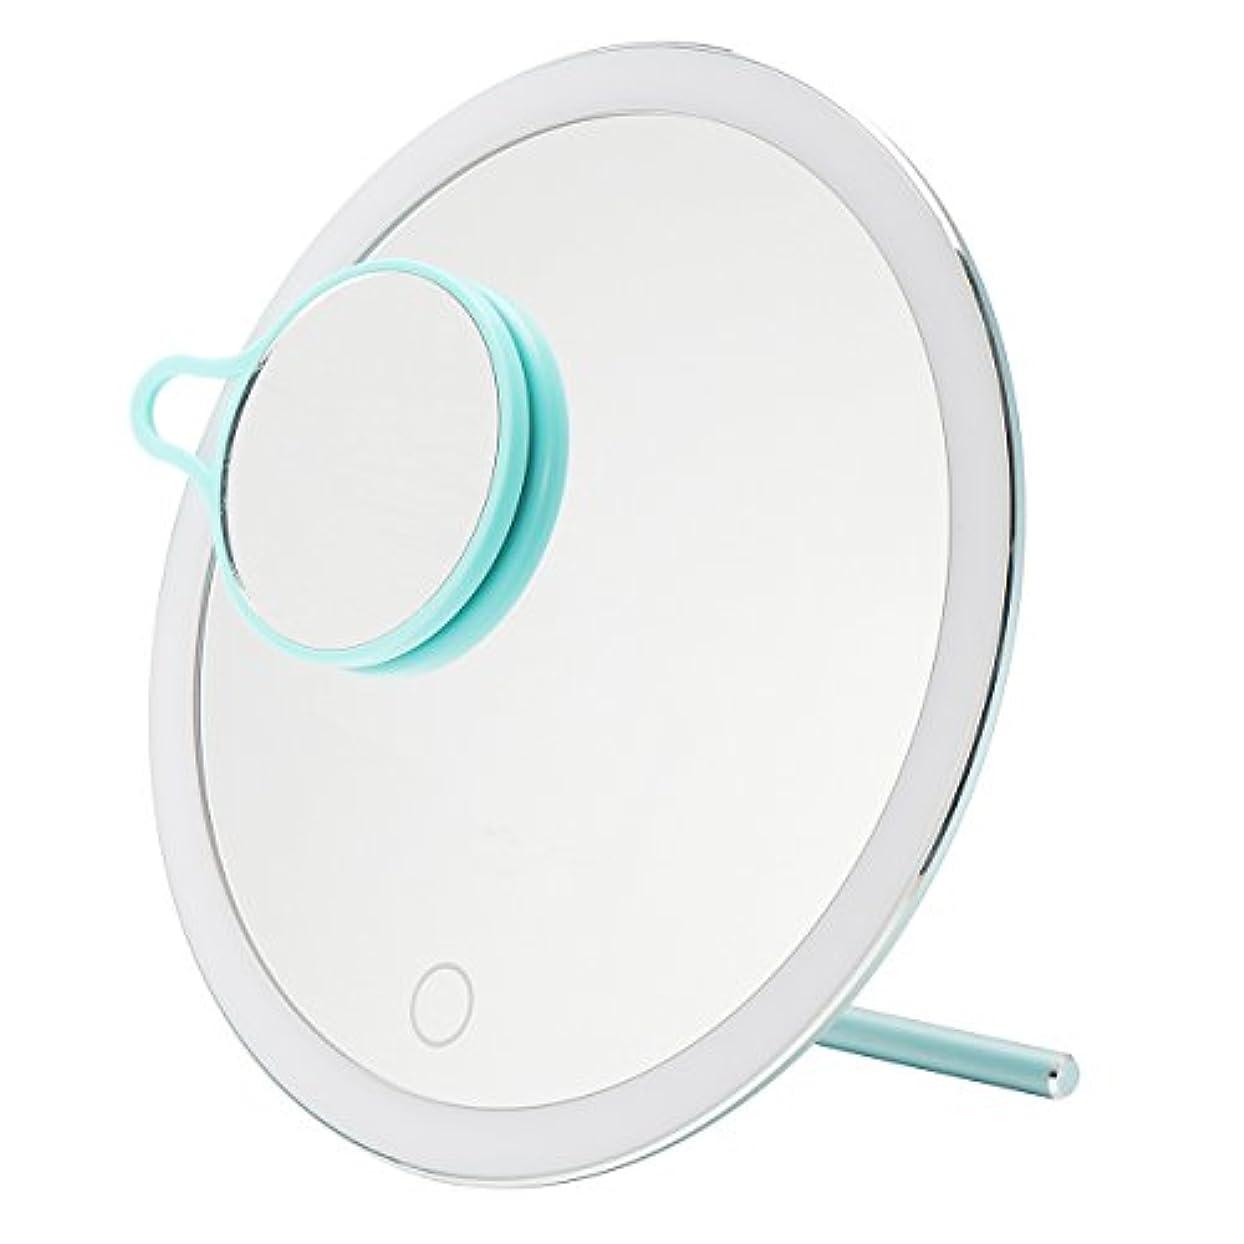 クラシック姓エンディングYZUEYT USB LEDライトメイクアップミラータッチスクリーン携帯用拡大鏡バニティテーブルトップランプ化粧ミラーメイクアップツール YZUEYT (Color : Color Blue)